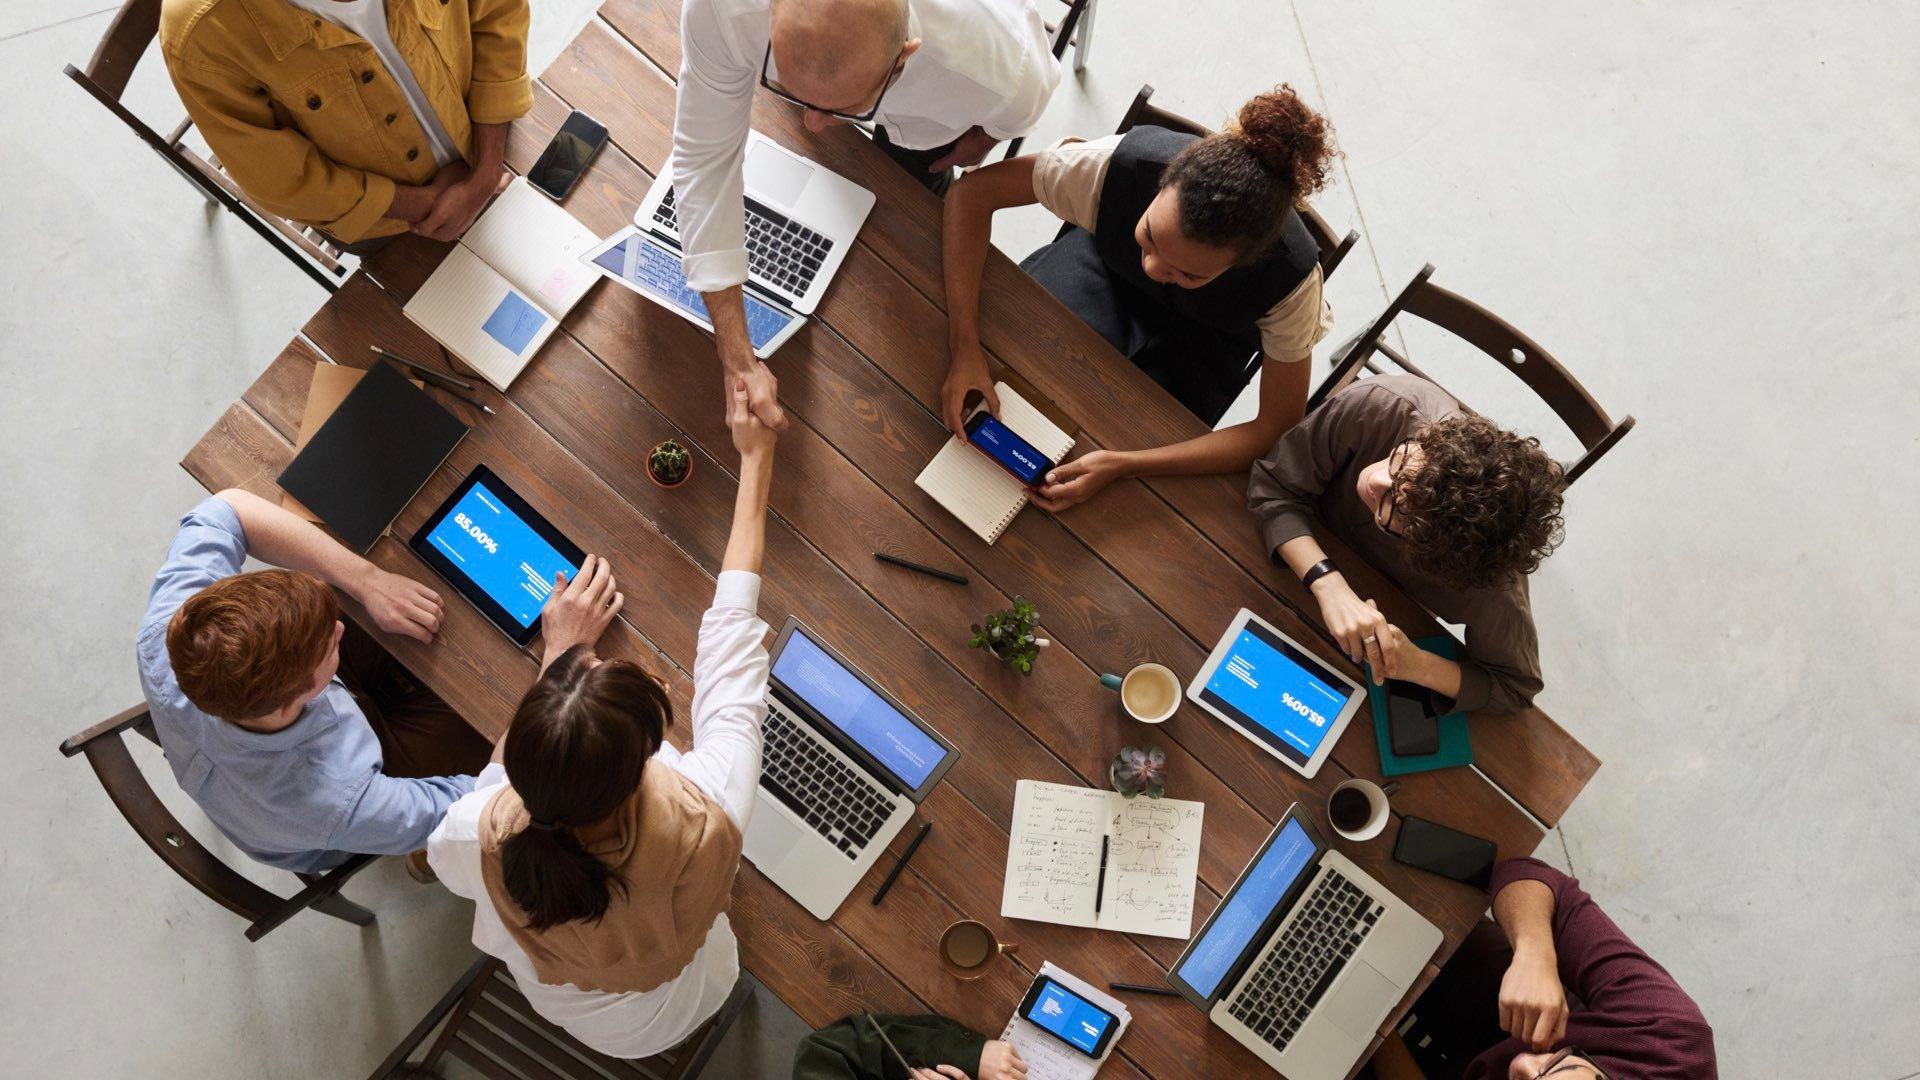 Competenze per formazione aziendale